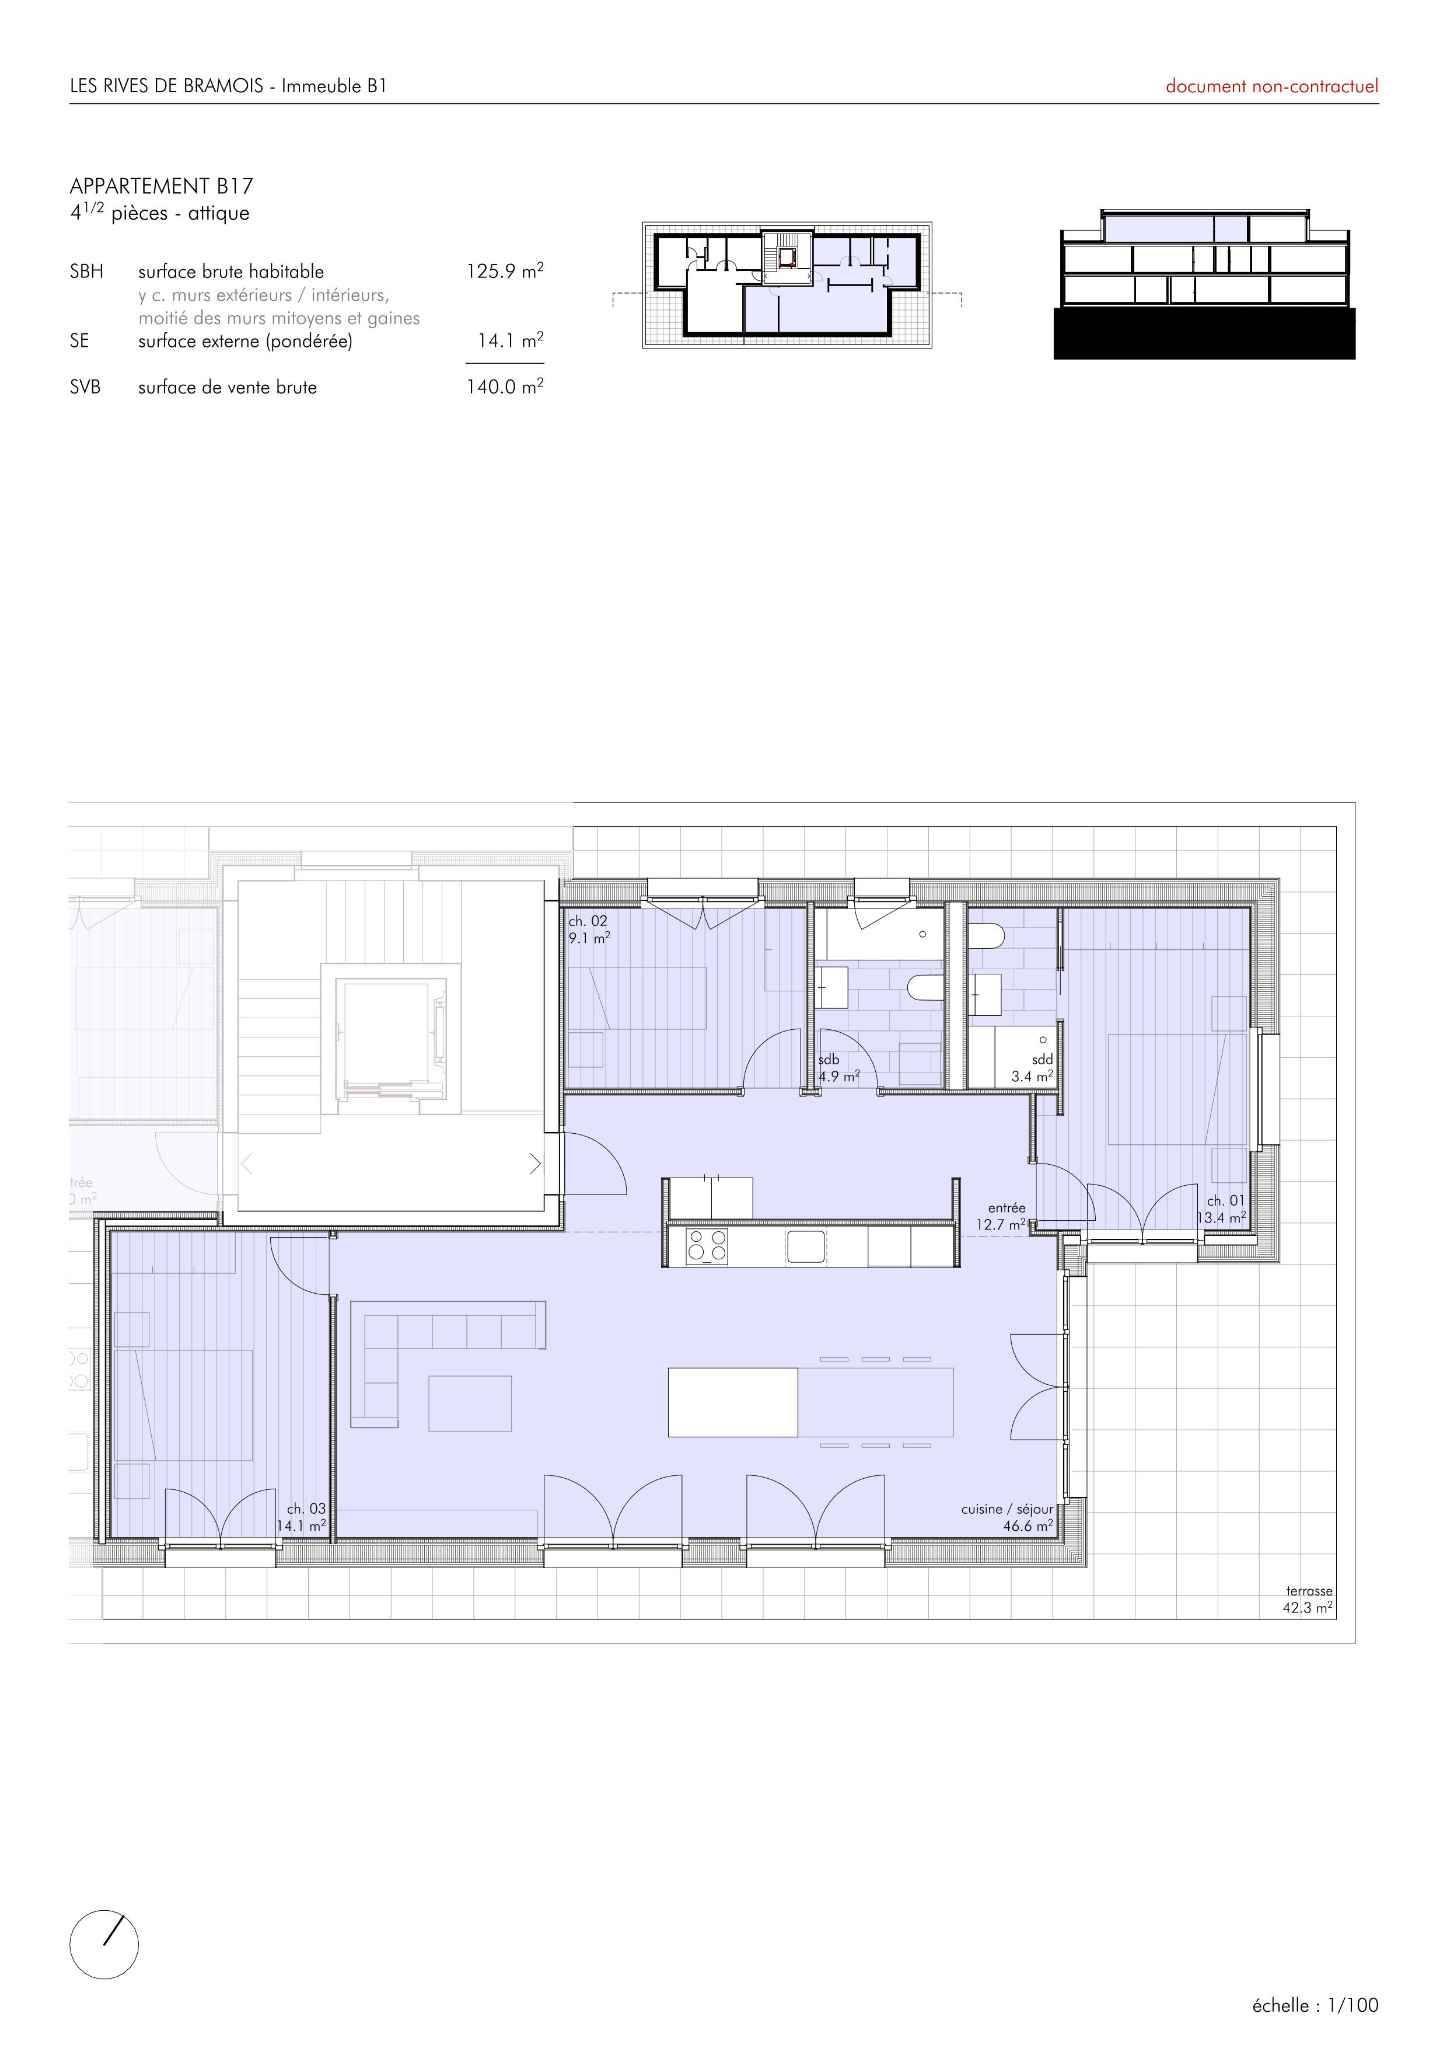 B17 - 4.5 pces en attique